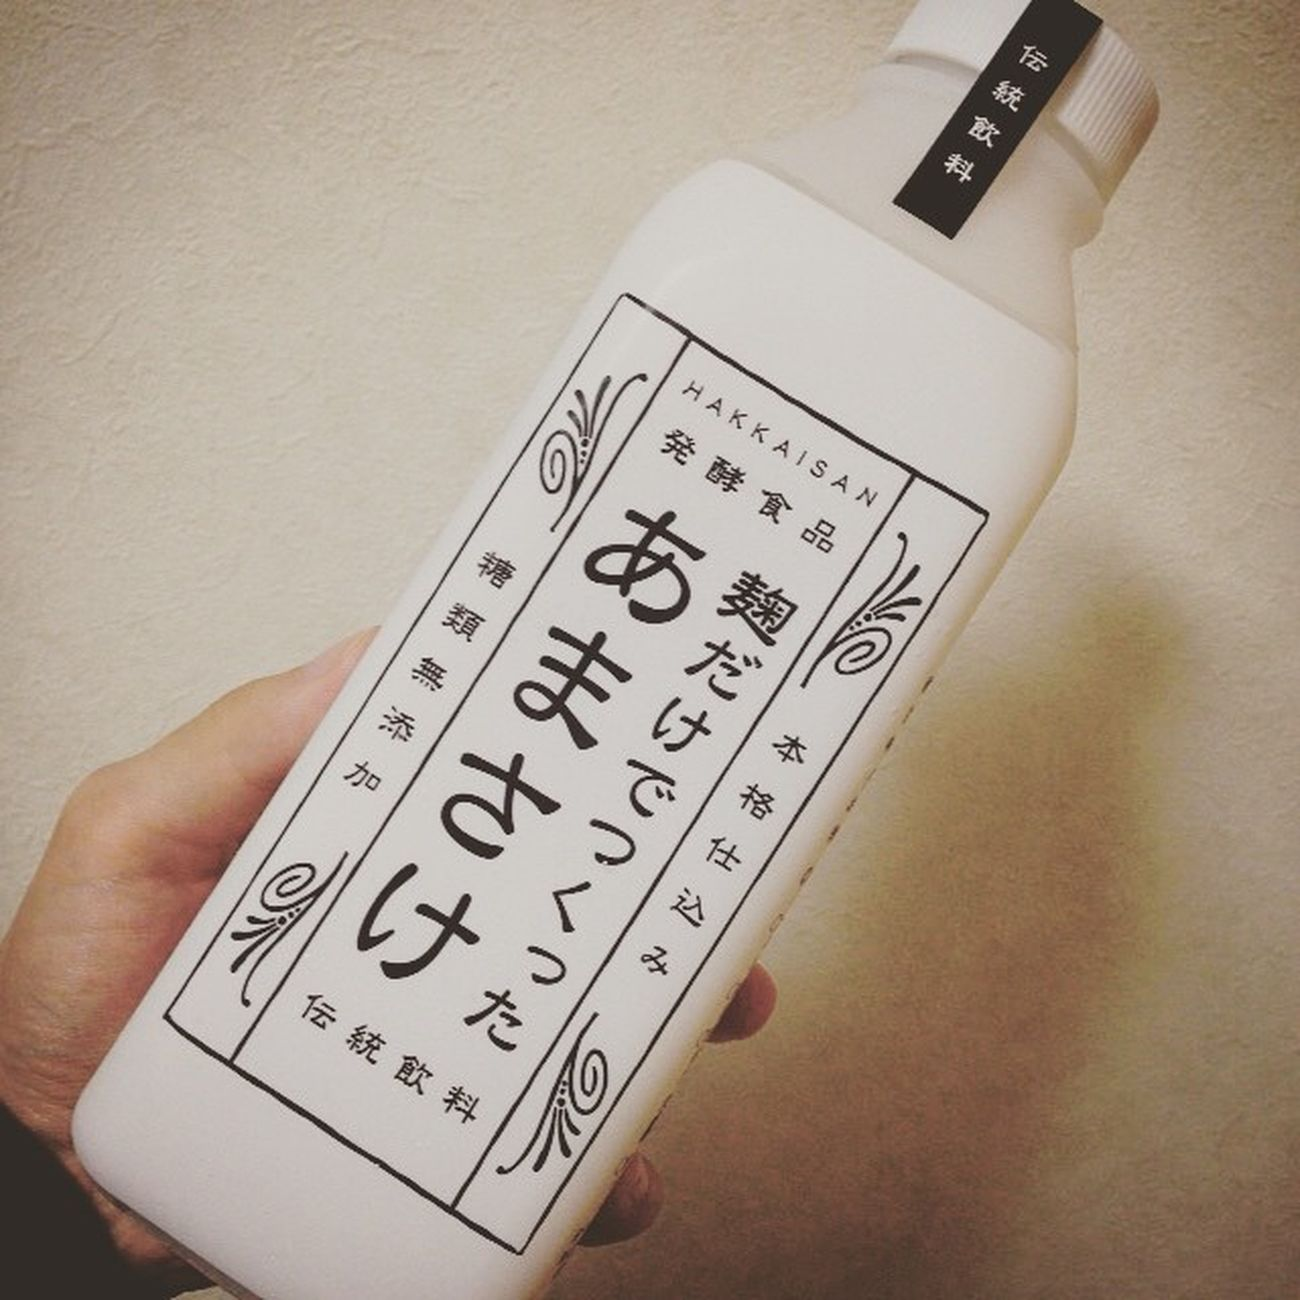 アマザケ Nonalcoholic Amazake 甘酒 Koji ノンアルコール 八海山 Hakkaisan 麹 麹だけでつくったあまさけ